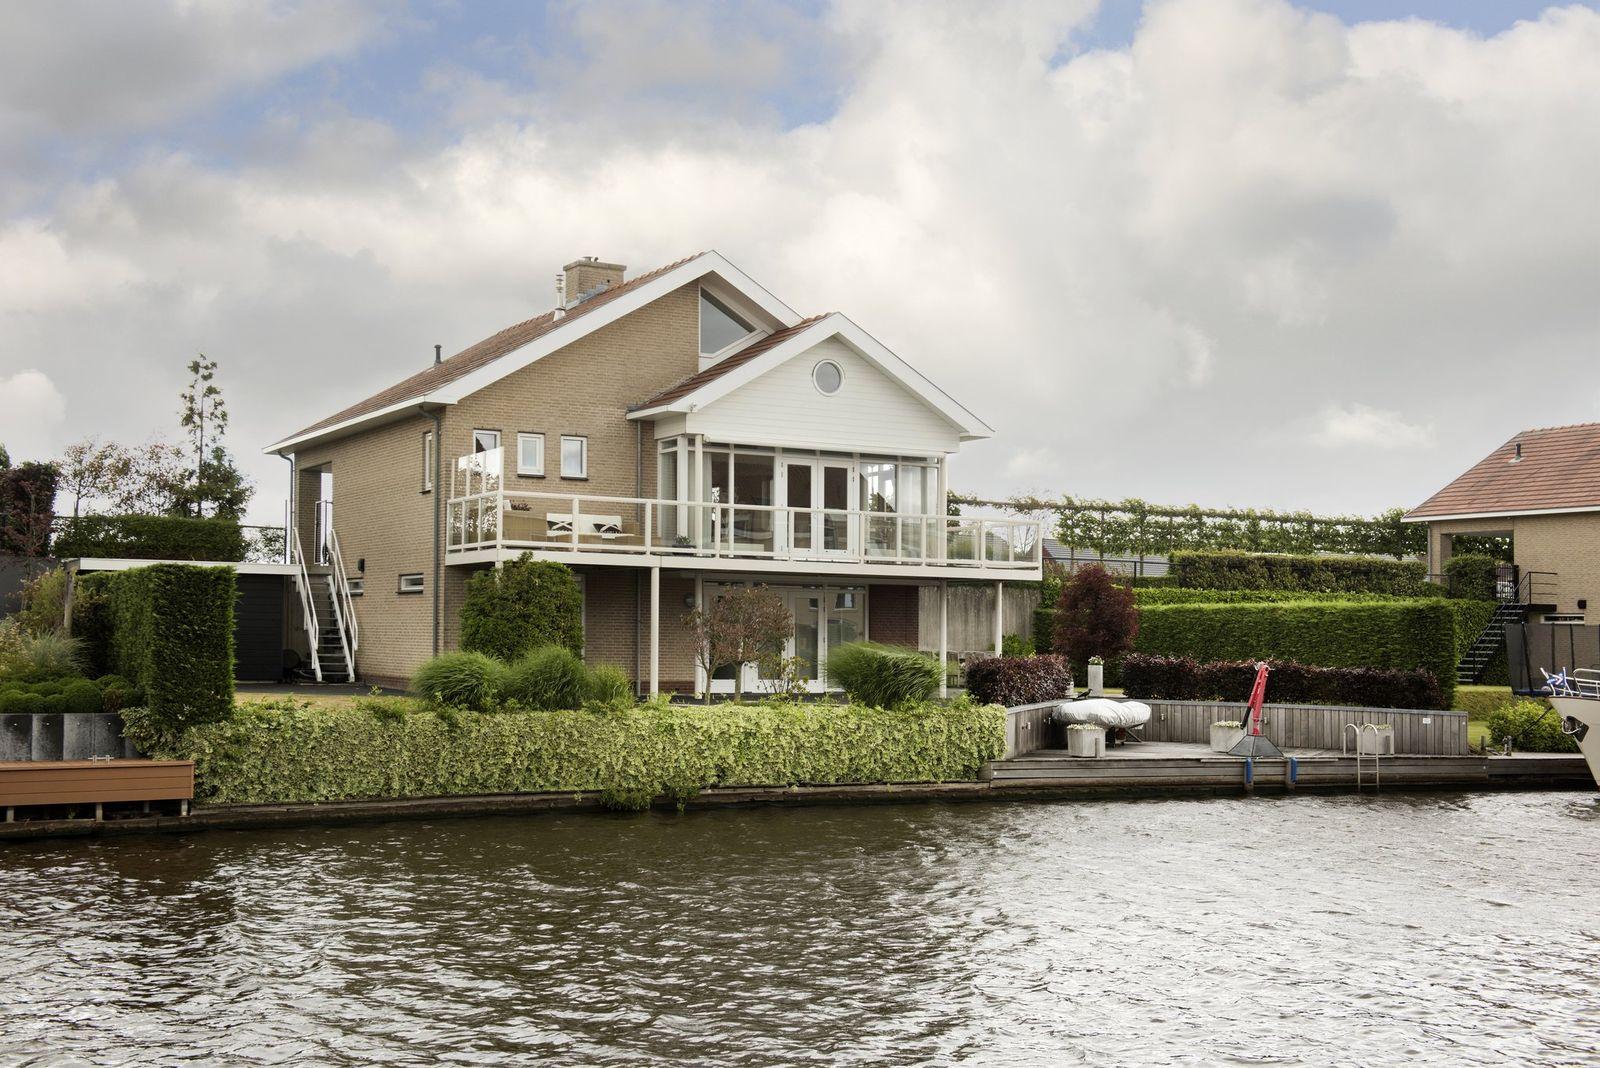 Oost-Havendijk 10, Steenbergen